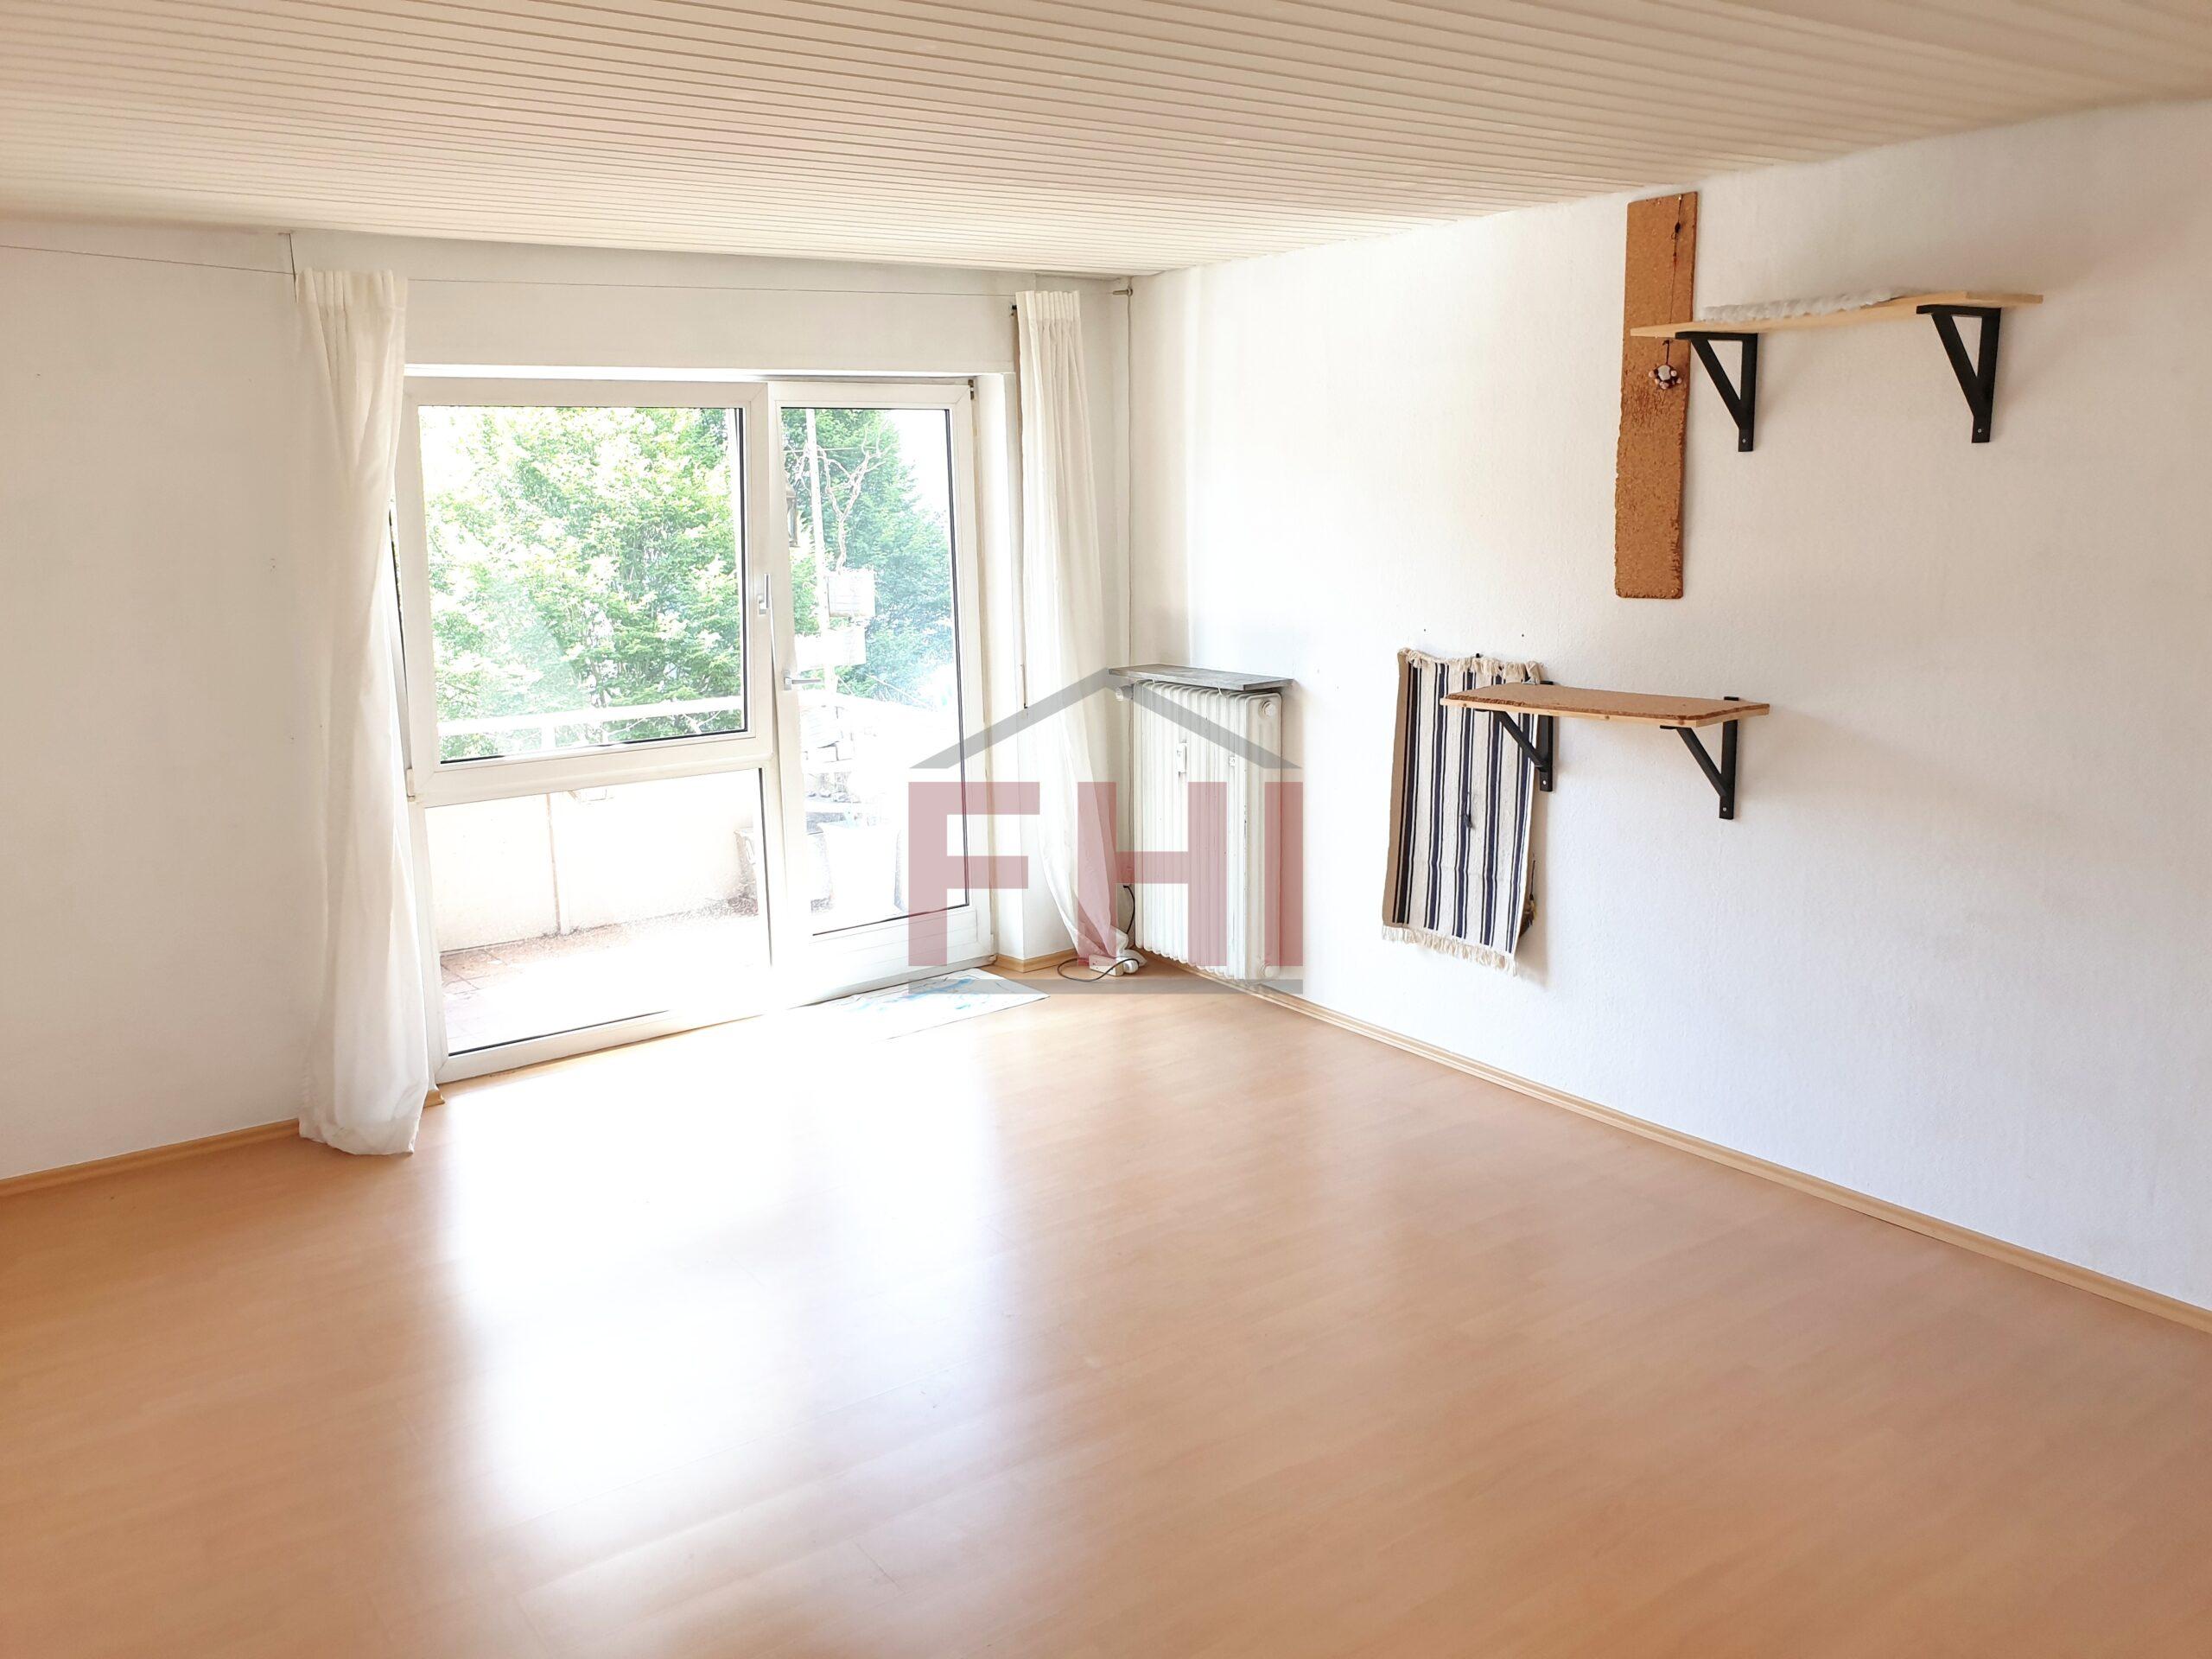 VERKAUFT: Helle und schön geschnittene 3,5-Zi.-Wohnung mit Balkon, Garage und Keller – Zentrumsnah